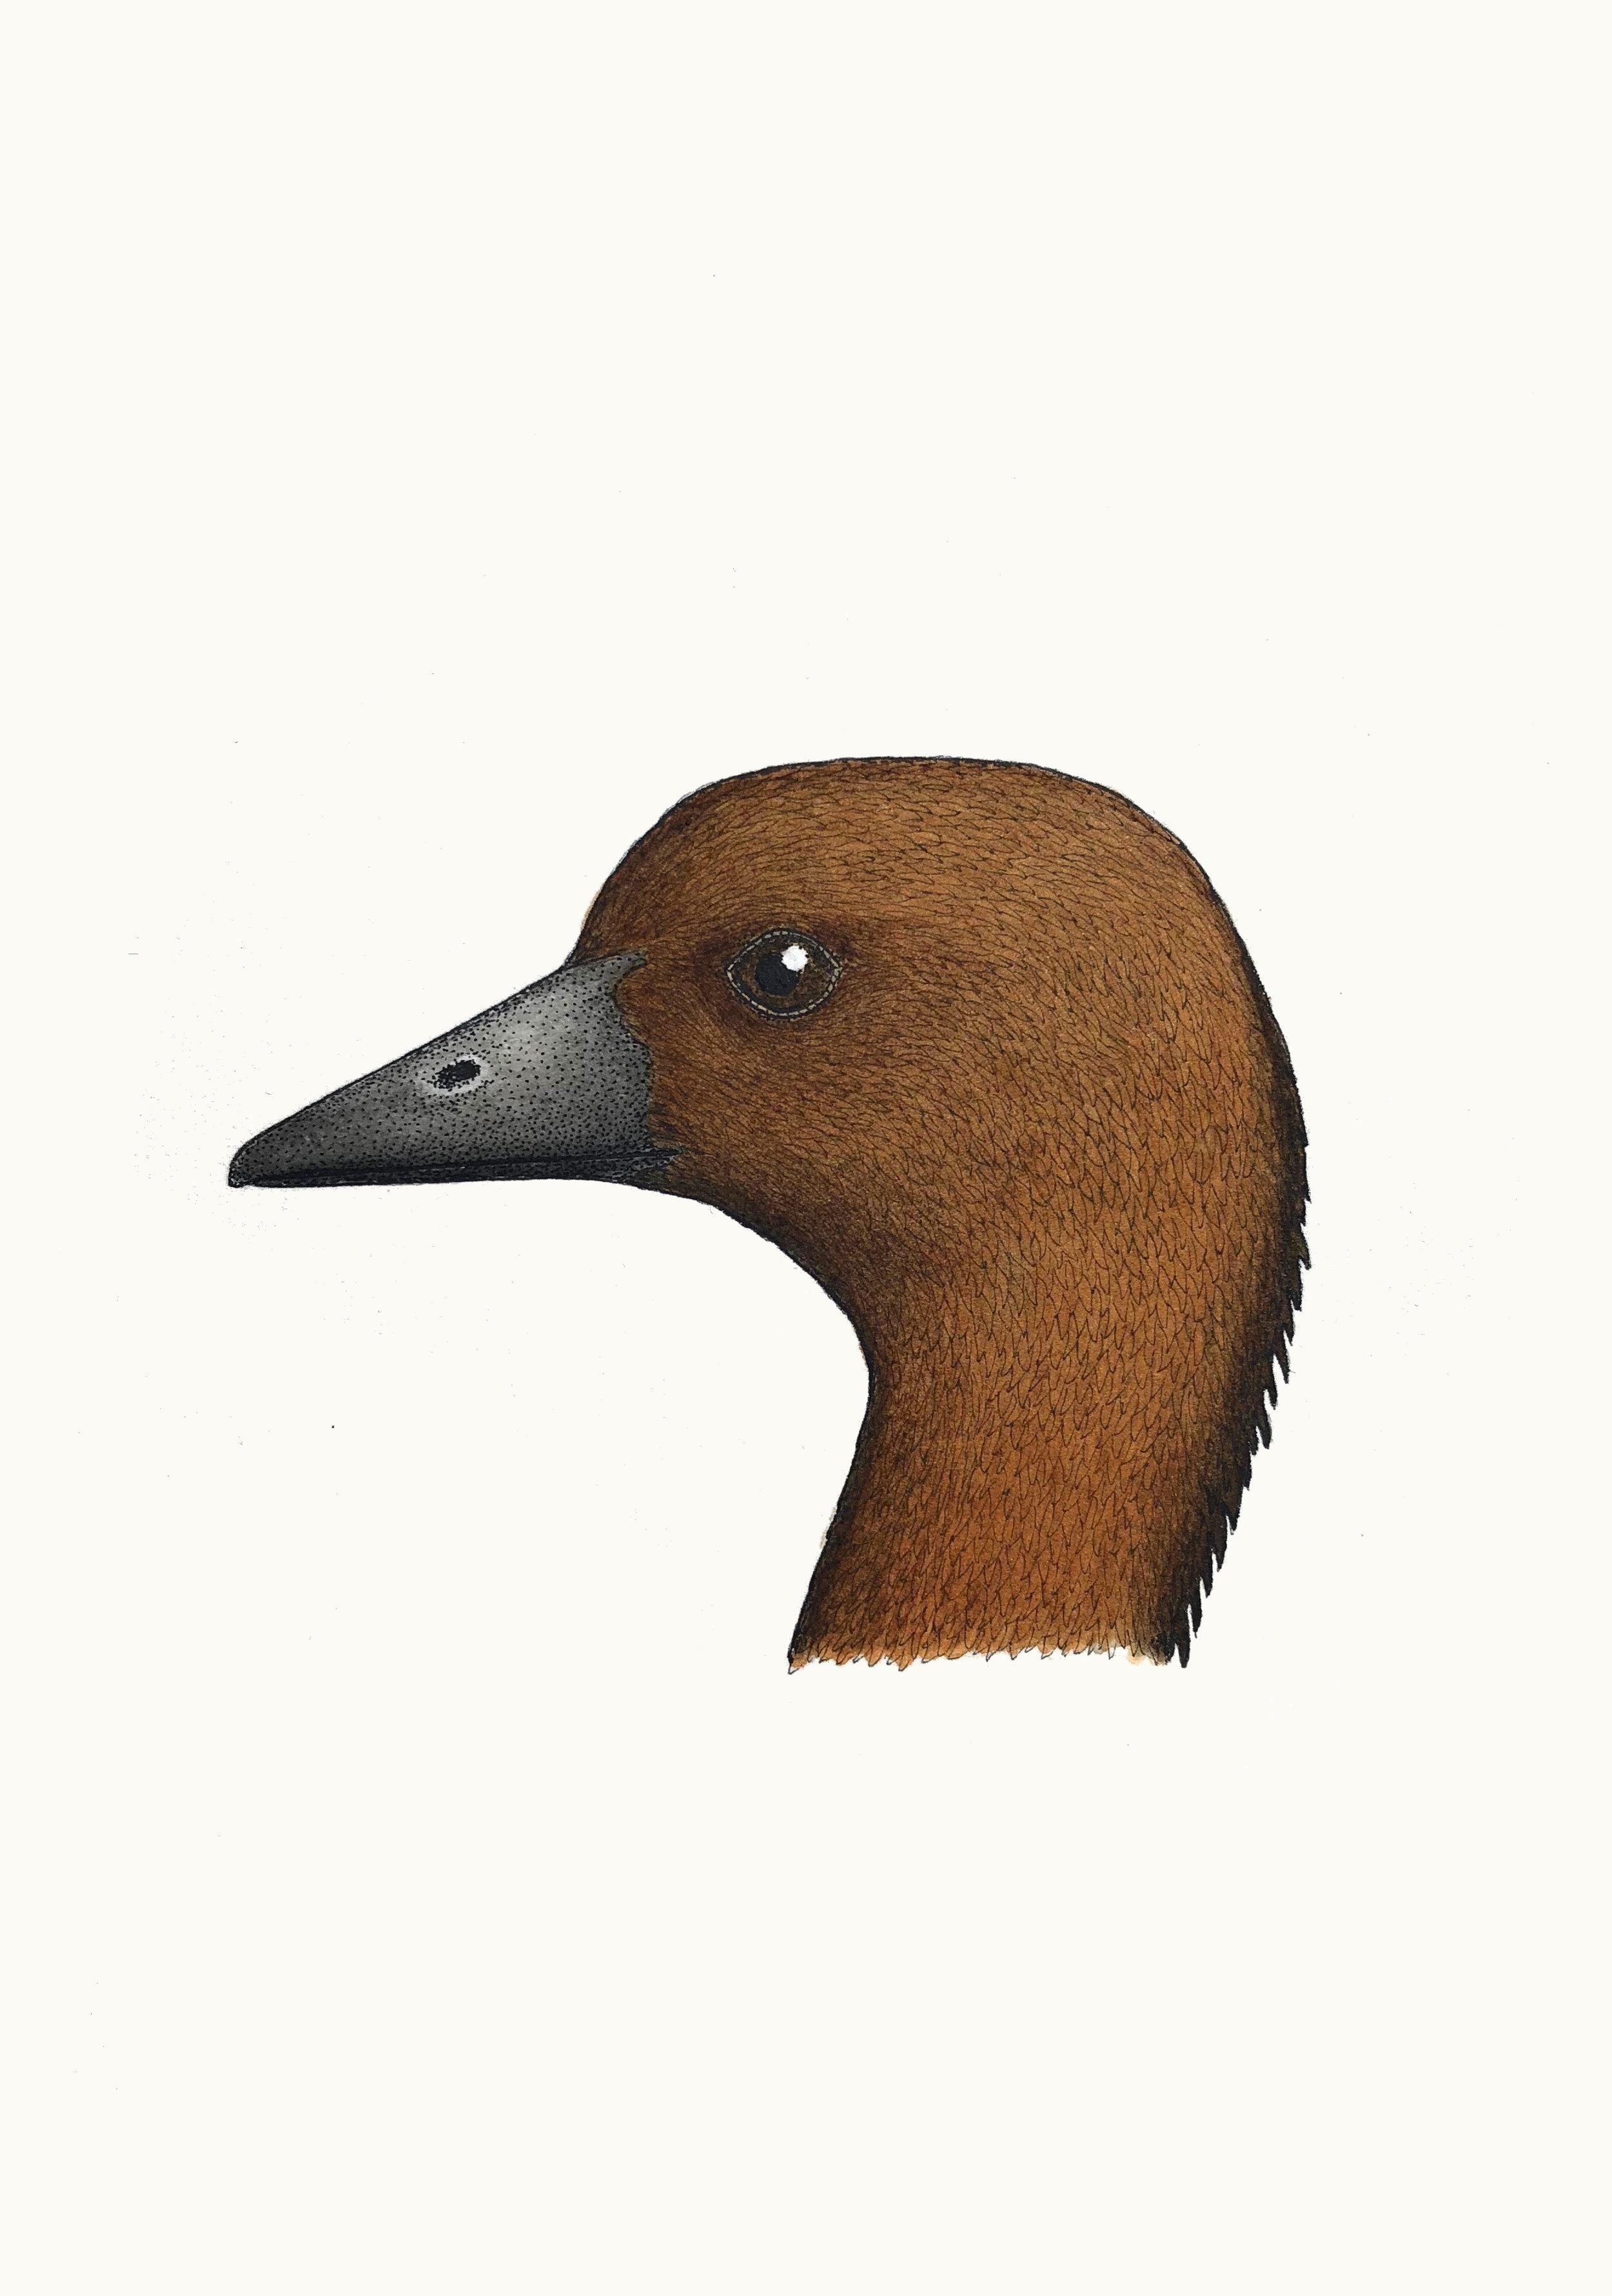 'Portrait of an Australian Wood Duck'